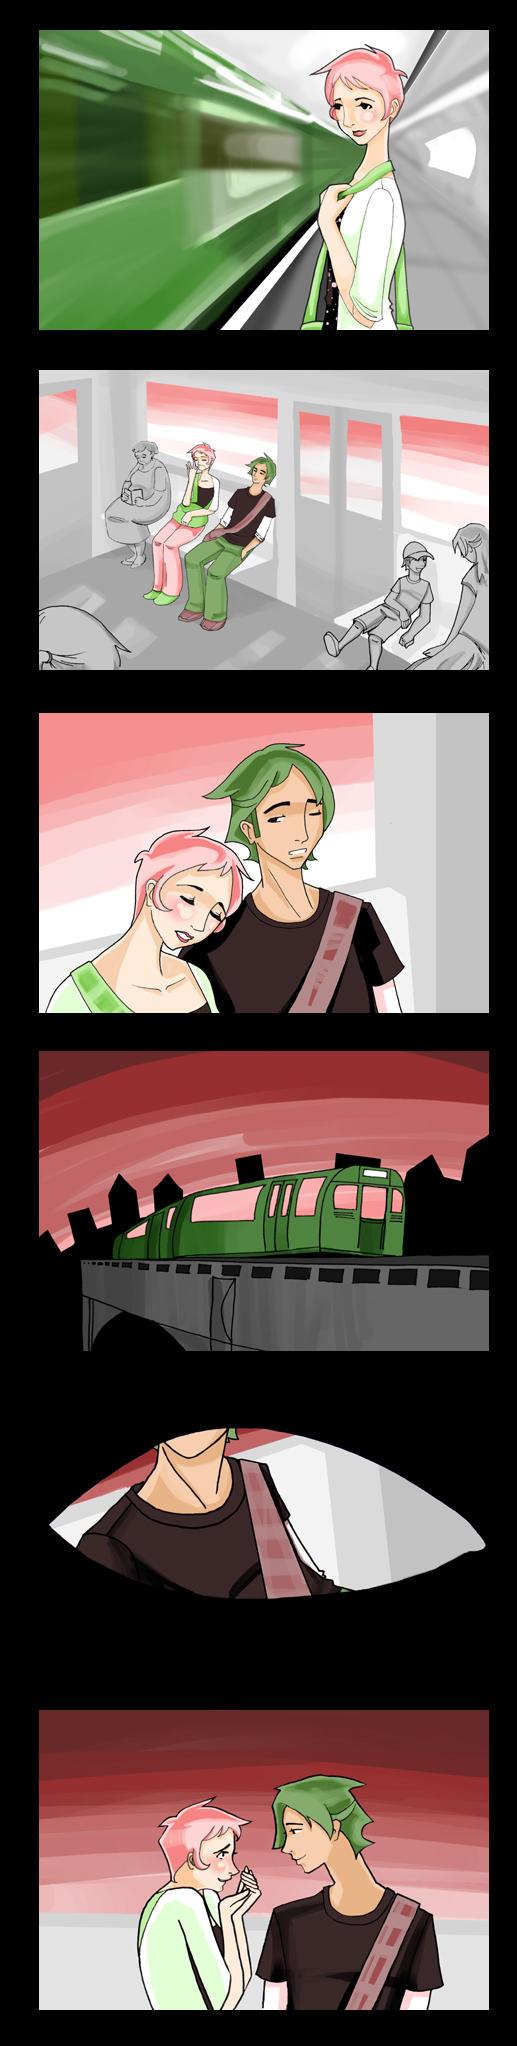 Metro by savivi